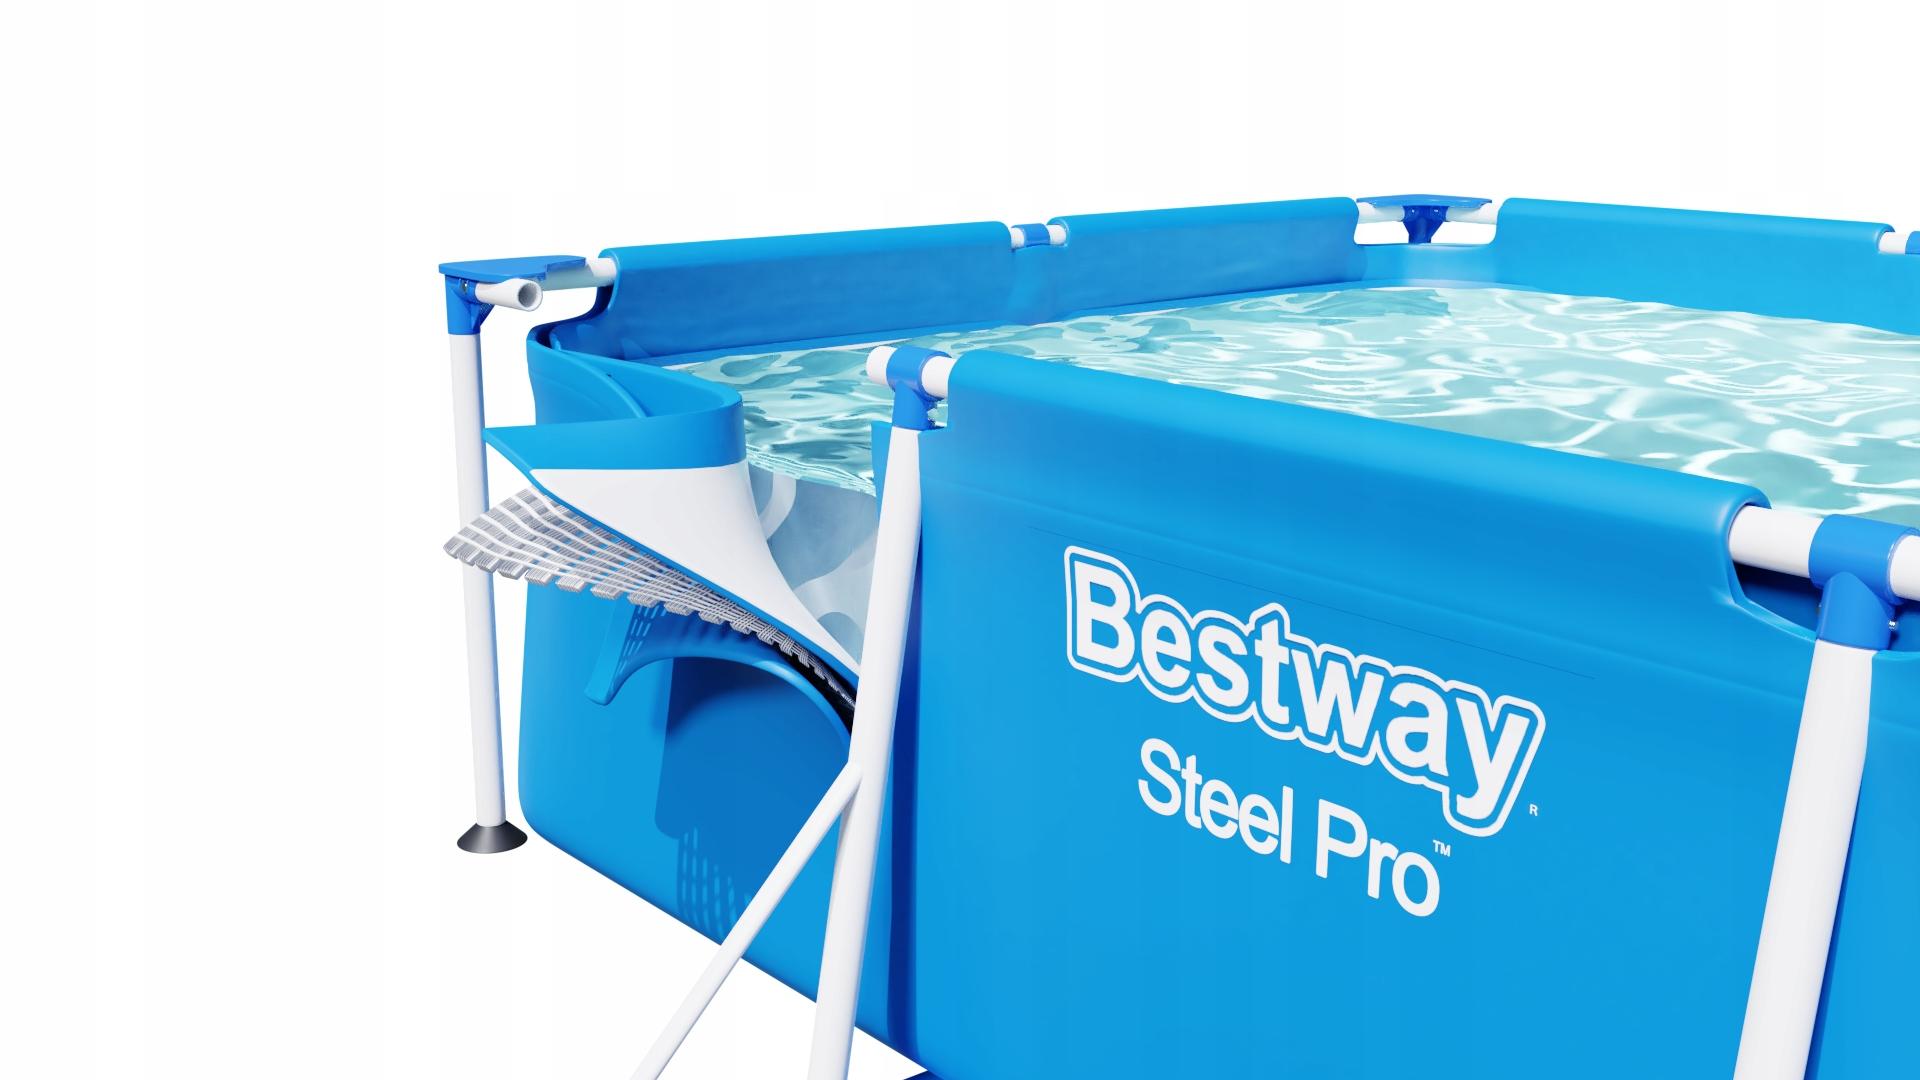 RÁMOVÝ ZÁHRADNÝ BAZÉN 400x211x81cm séria Bestway 16v1 Steel Pro